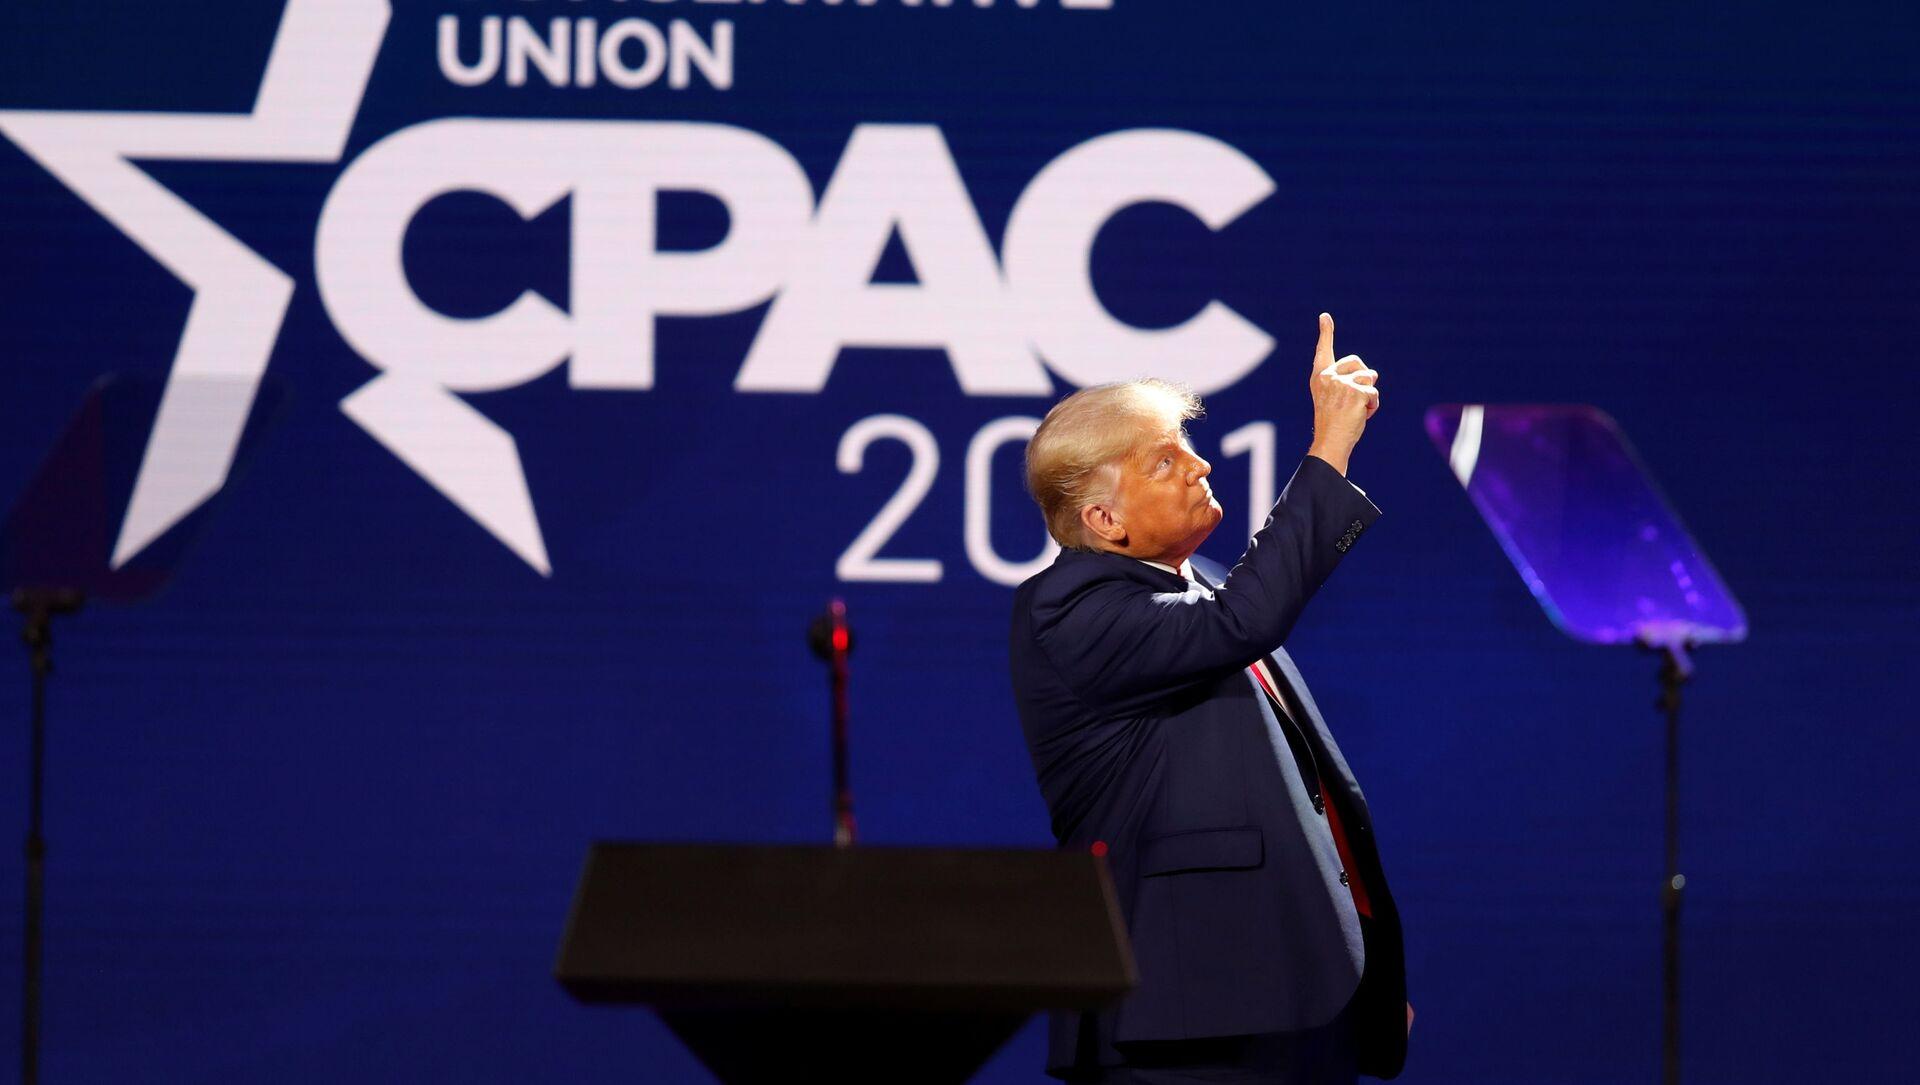 Donald Trump na Konferencji Konserwatywnej Akcji Politycznej (CPAC) w Orlando na Florydzie. - Sputnik Polska, 1920, 01.03.2021